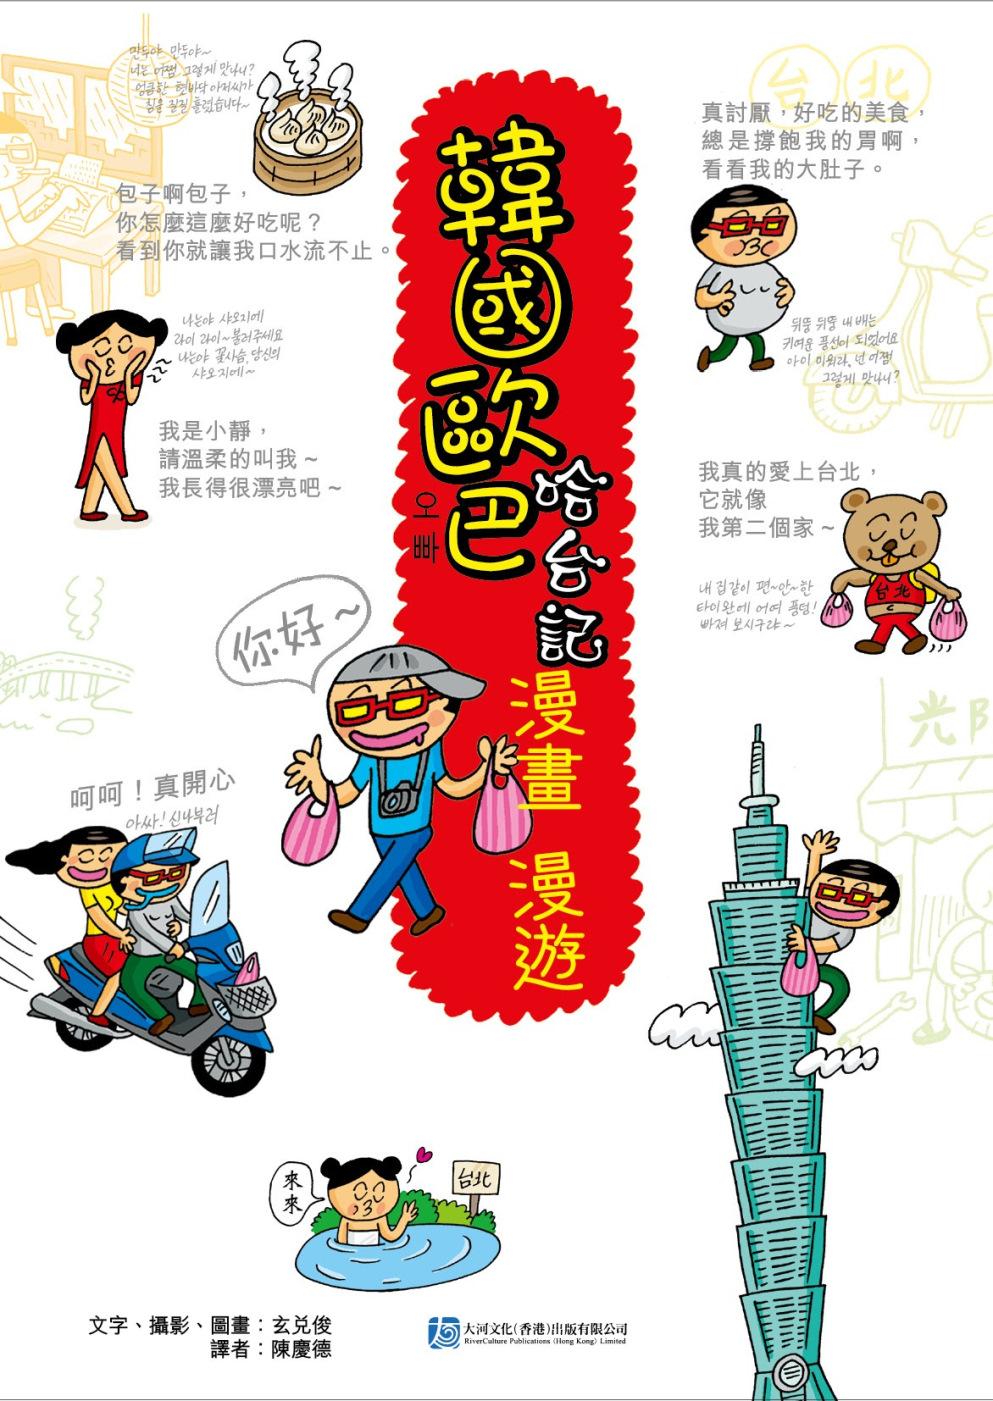 韓國歐巴哈台記 漫畫 漫遊